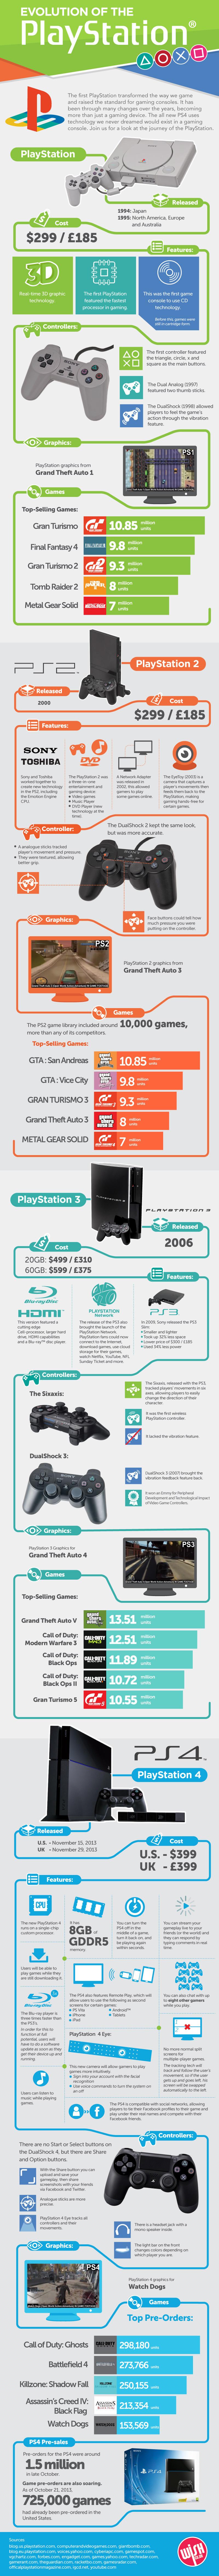 EvolutionOfThePlaystation